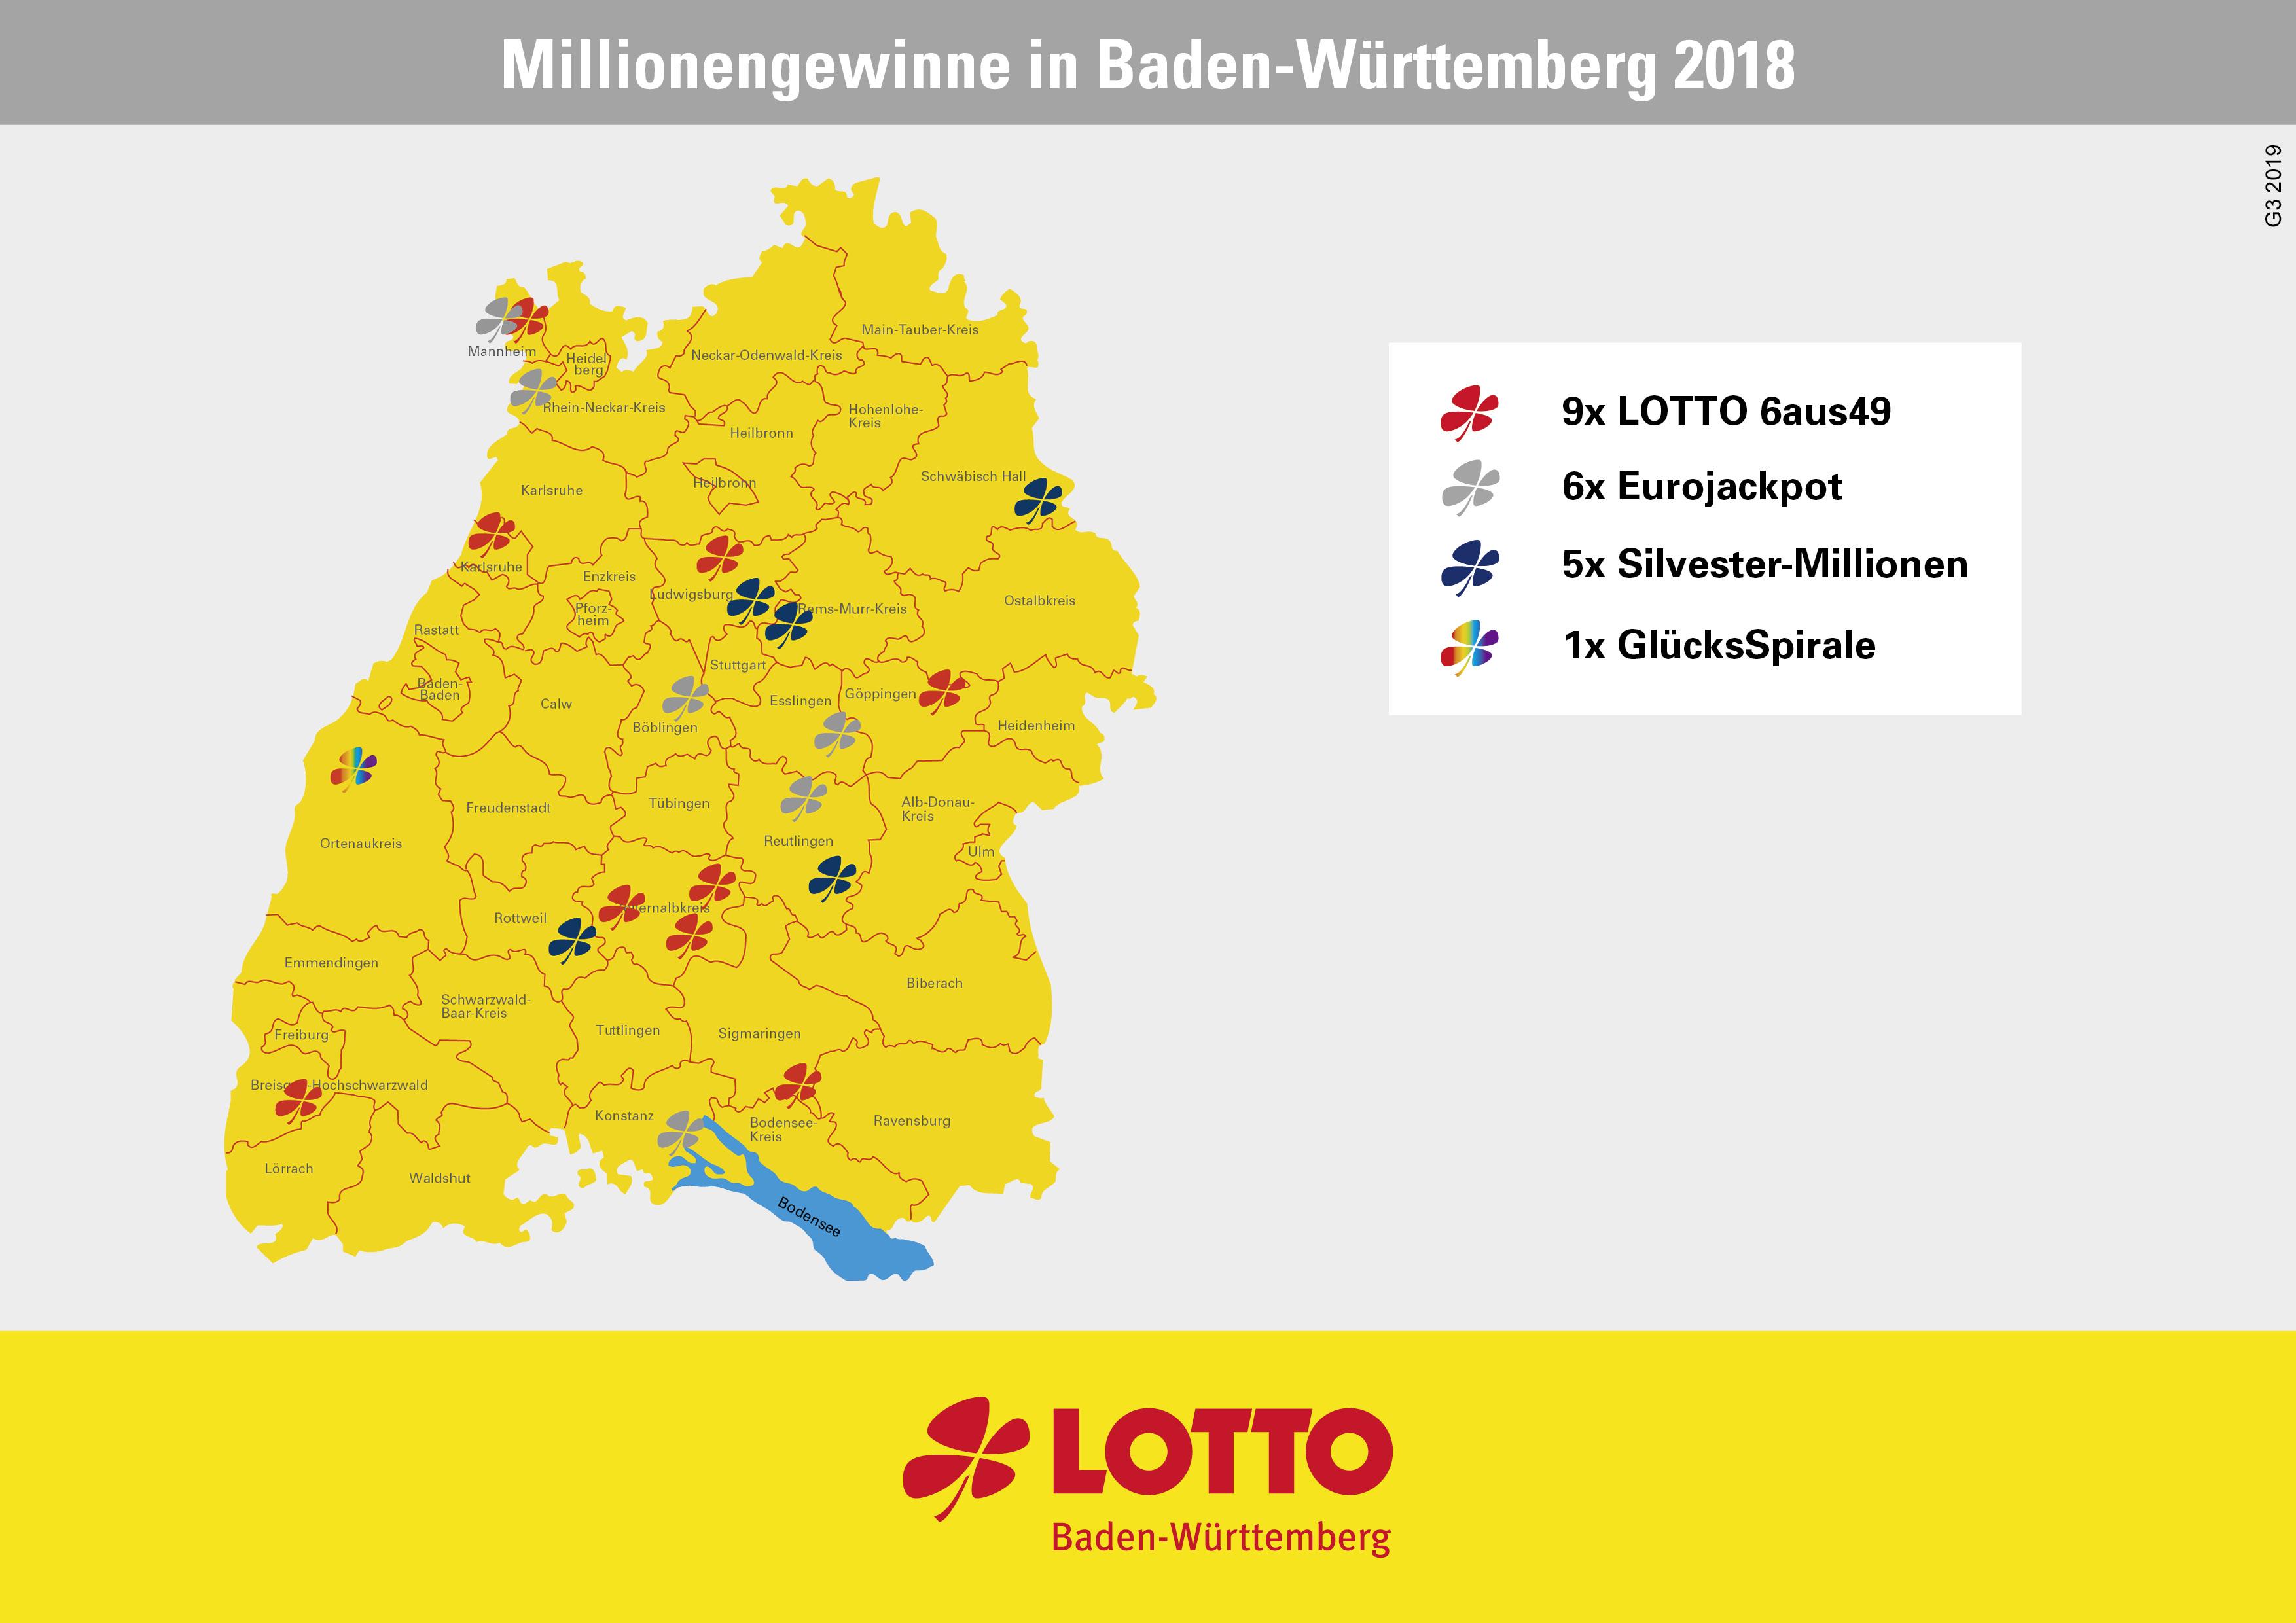 Die Lotto-Millionengewinne 2018 in Baden-Württemberg.